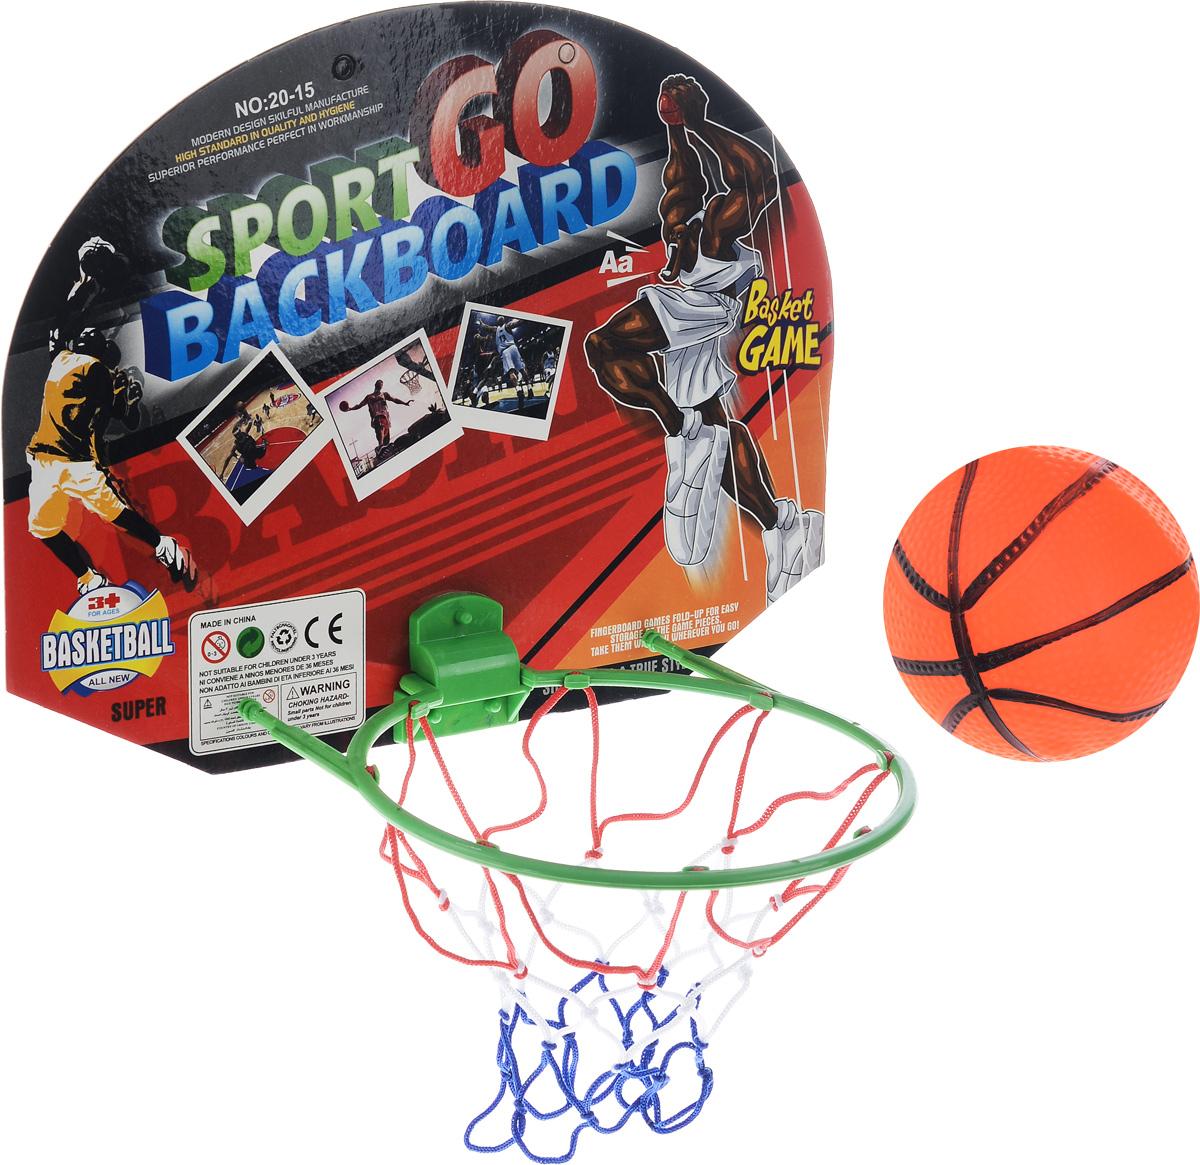 Набор для игры в баскетбол Torres TX1310328262068Набор для игры в баскетбол Torres TX13103, выполненный из ПВХ, текстиля и картона, состоит из корзины с сеткой и щитом, маленького резинового мячика, выполненного в виде баскетбольного и двух двусторонних клейких лент. Такой набор привлечет внимание каждого ребенка и станет отличным подарком юному любителю игр.Набор Torres TX13103 способствует развитию внимательности, ловкости и усидчивости, а также развивает любовь к спортивным играм.Размер щита: 38 х 27 см.Диаметр мяча: 10 см . Уважаемые клиенты!Обращаем ваше внимание на возможные изменения в цвете некоторых элементов набора. Поставка осуществляется в зависимости от наличия на складе.